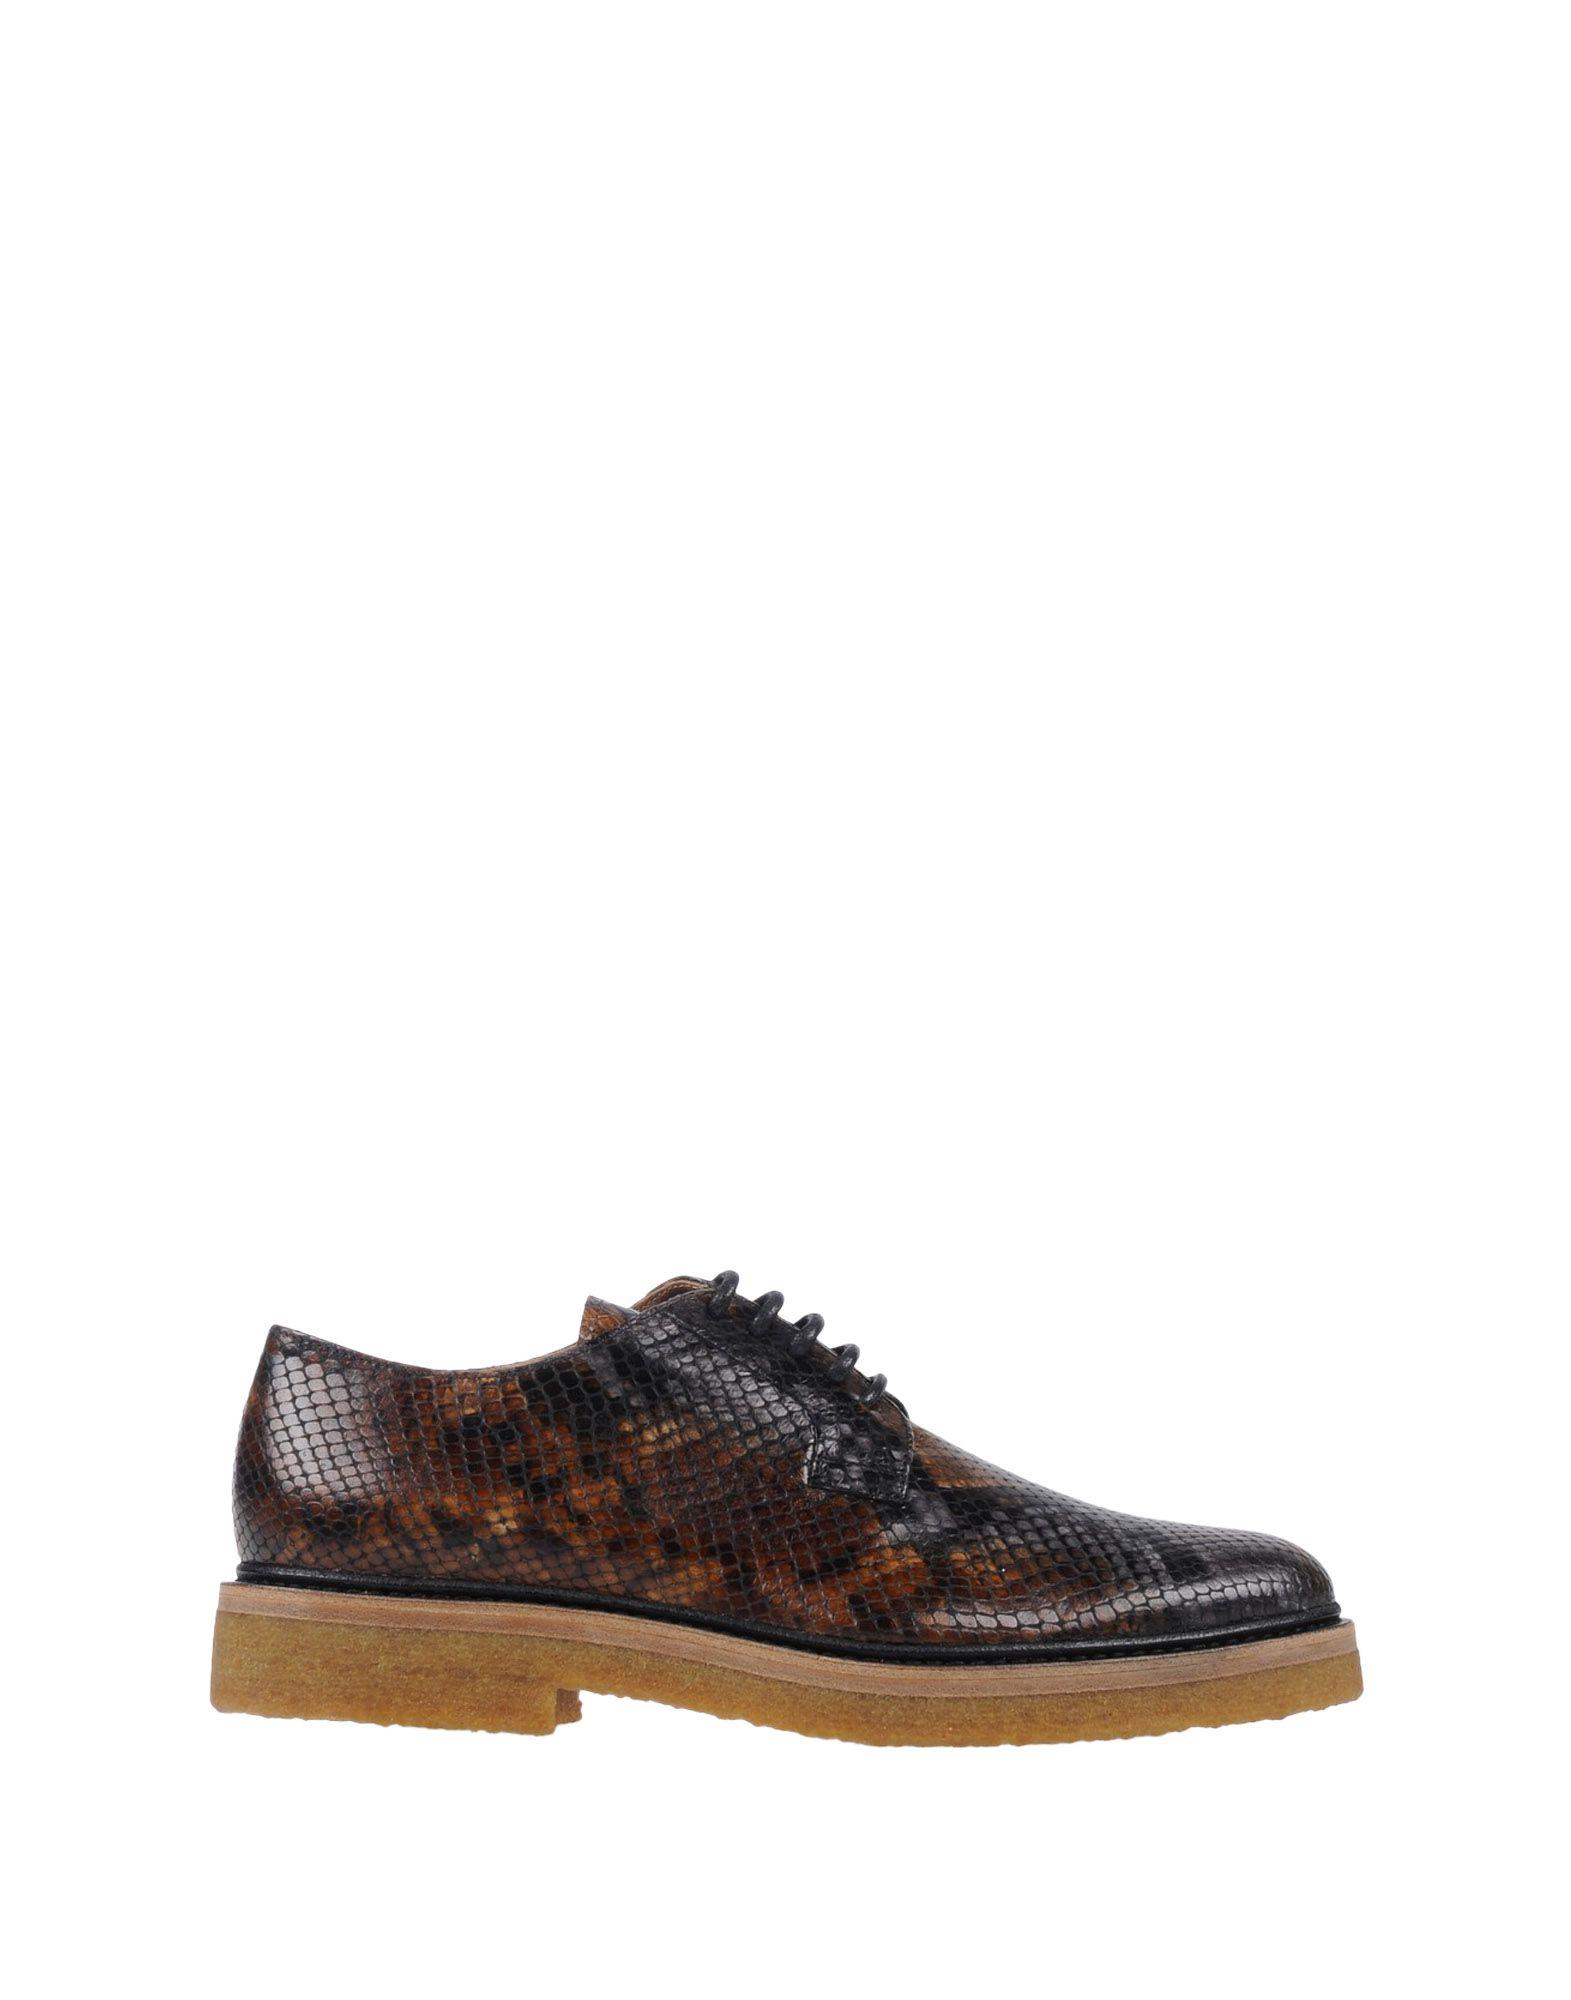 Dries Van Noten Schnürschuhe Herren  11474614NW Gute Qualität beliebte Schuhe